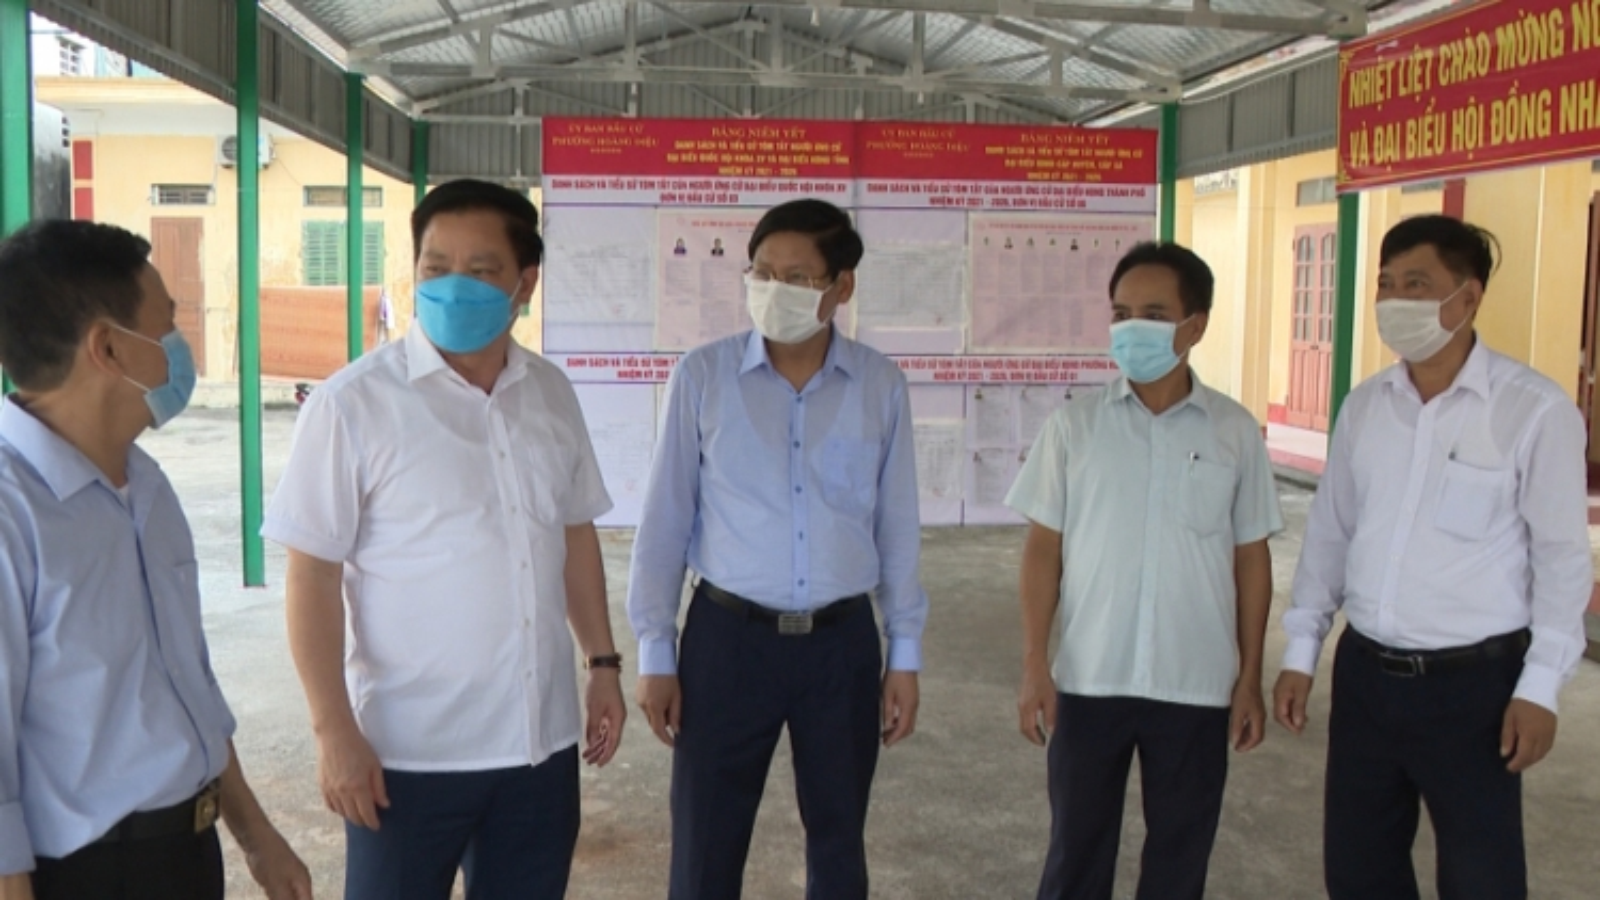 Thái Bình vừa lo chống dịch Covid-19, vừa chuẩn bị bầu cử an toàn